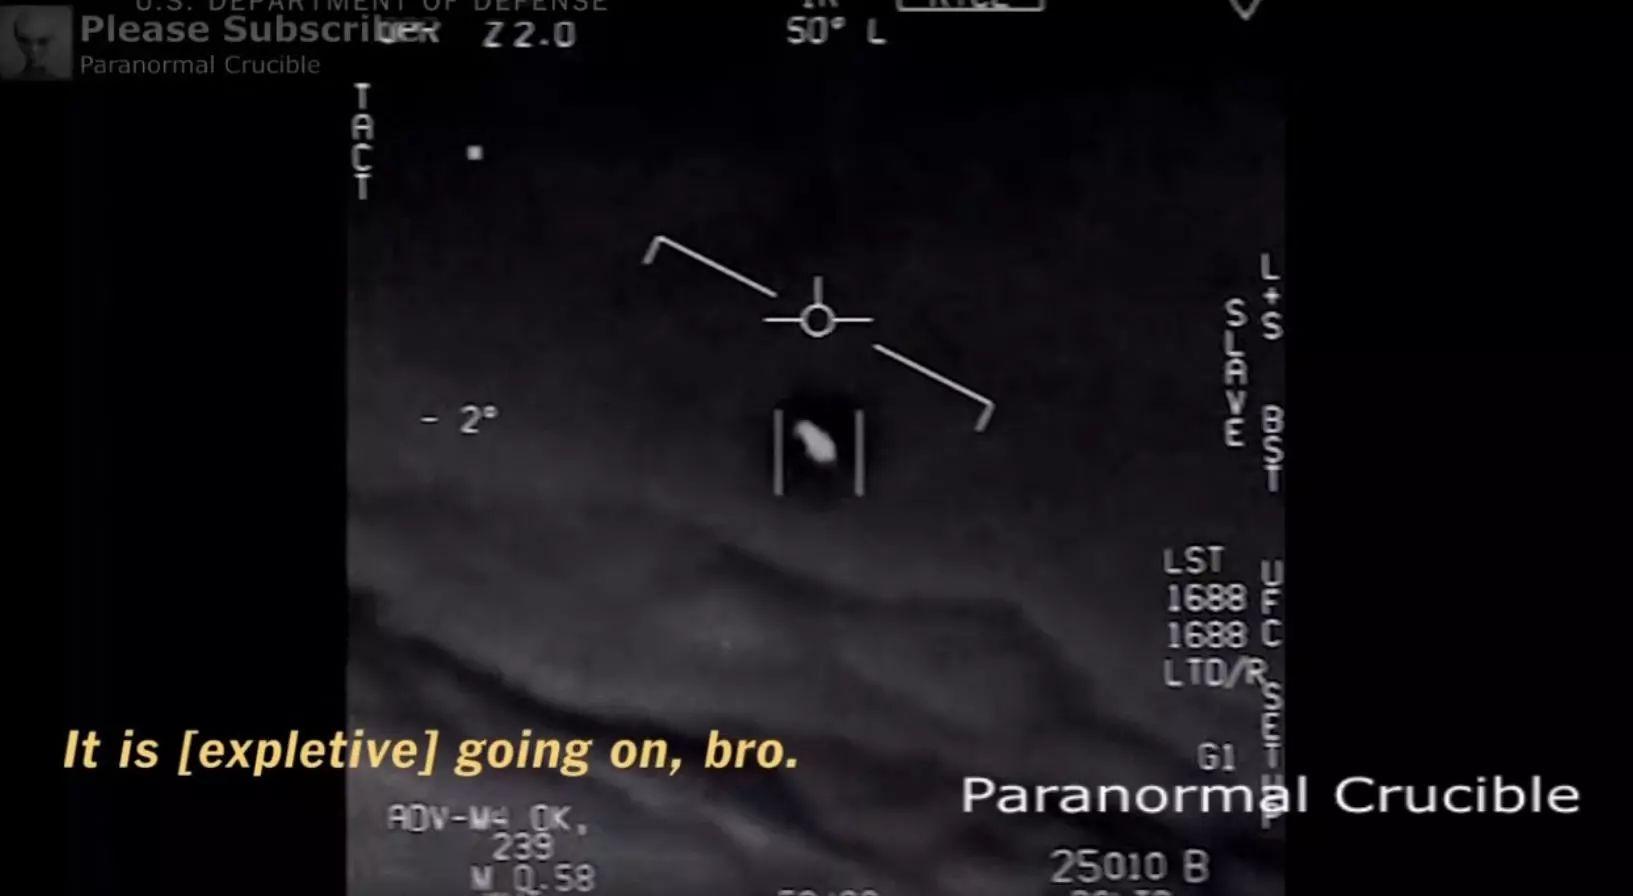 Betway必威中文UFO难道是真的?美海军飞行员追踪不明飞行物被戏耍